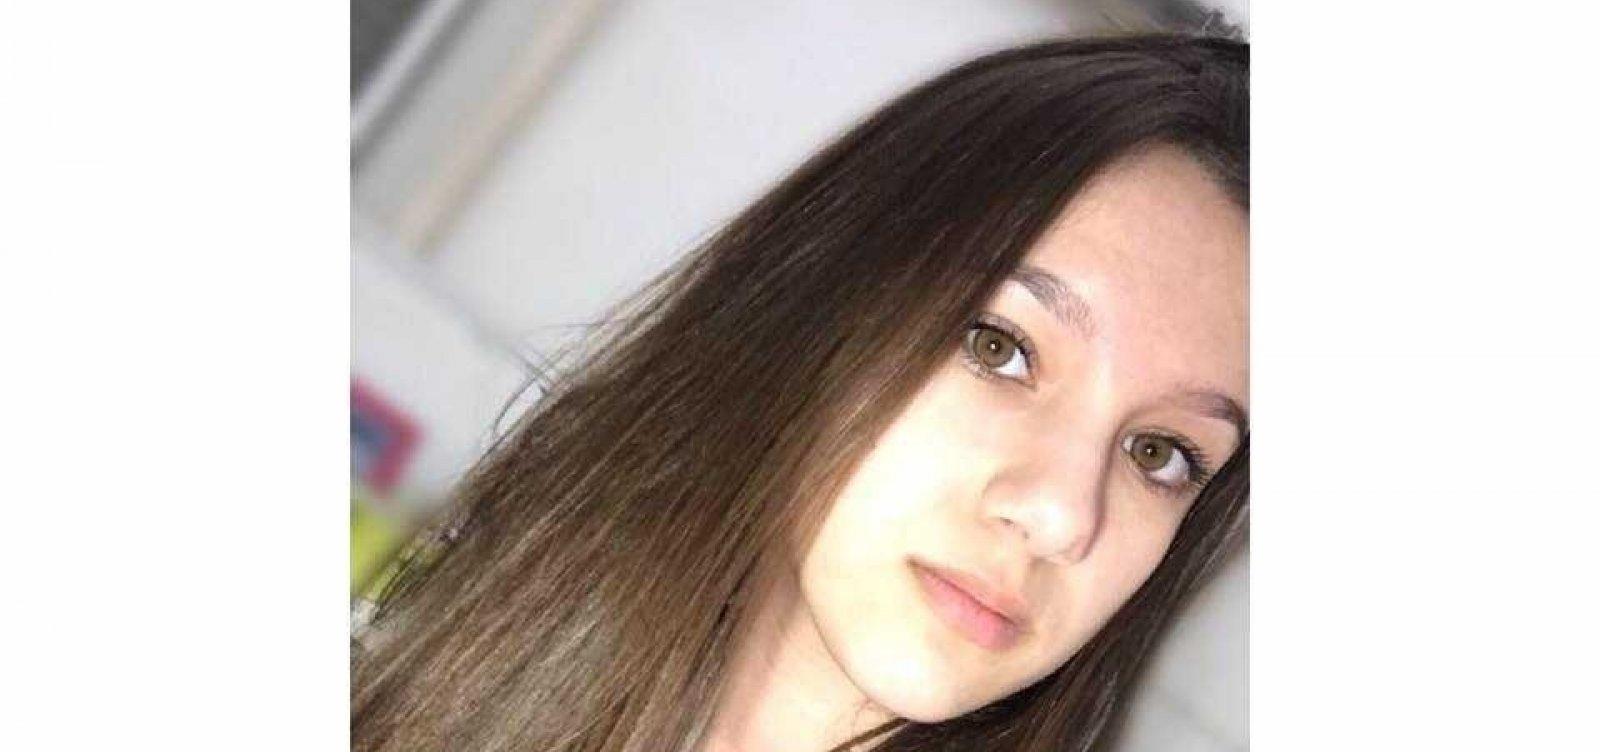 [Turista adolescente que morreu em Porto Seguro tinha Influenza H3N2]